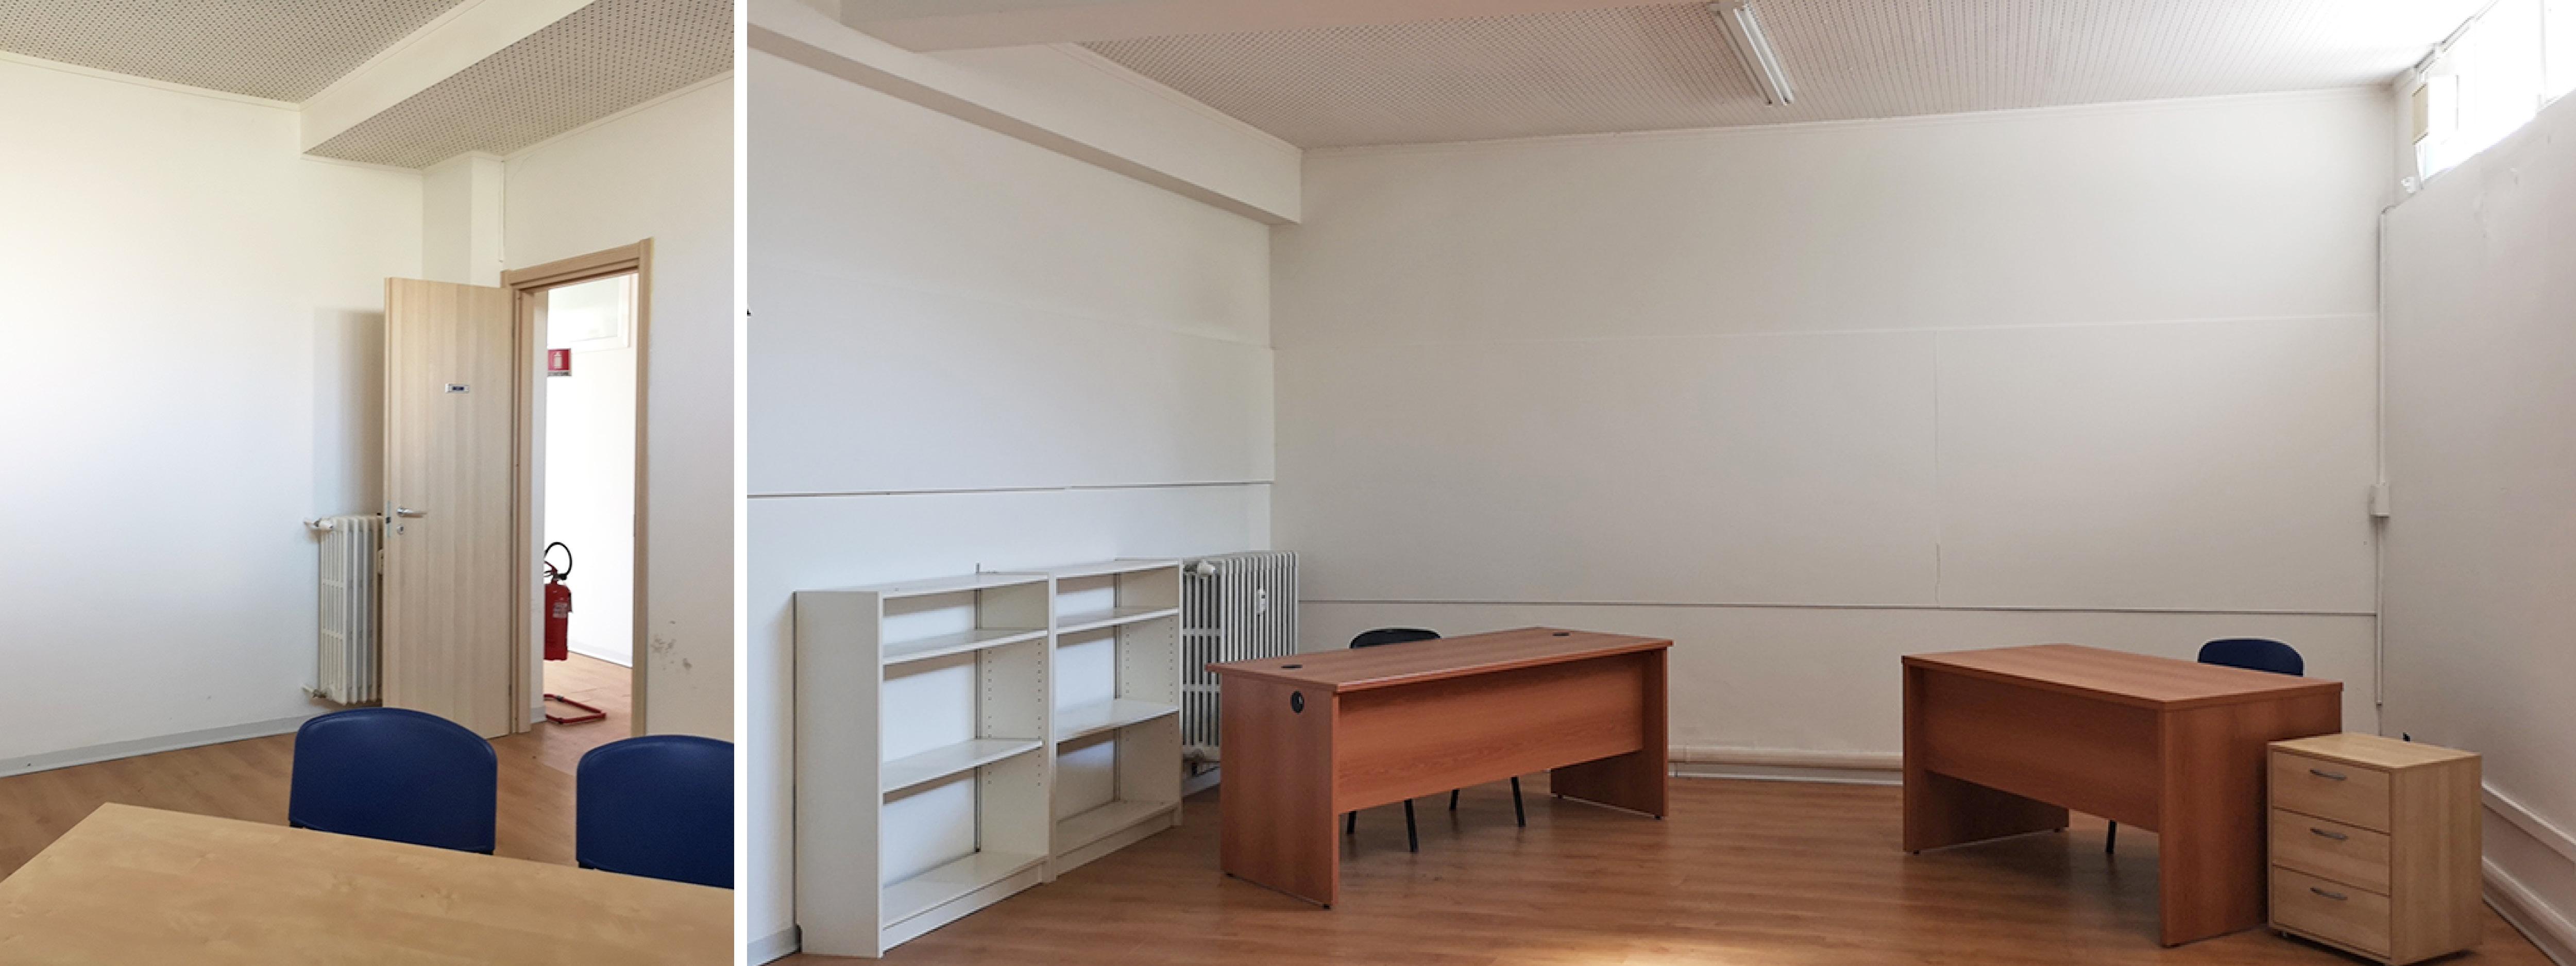 ufficio-vendita-vimercate